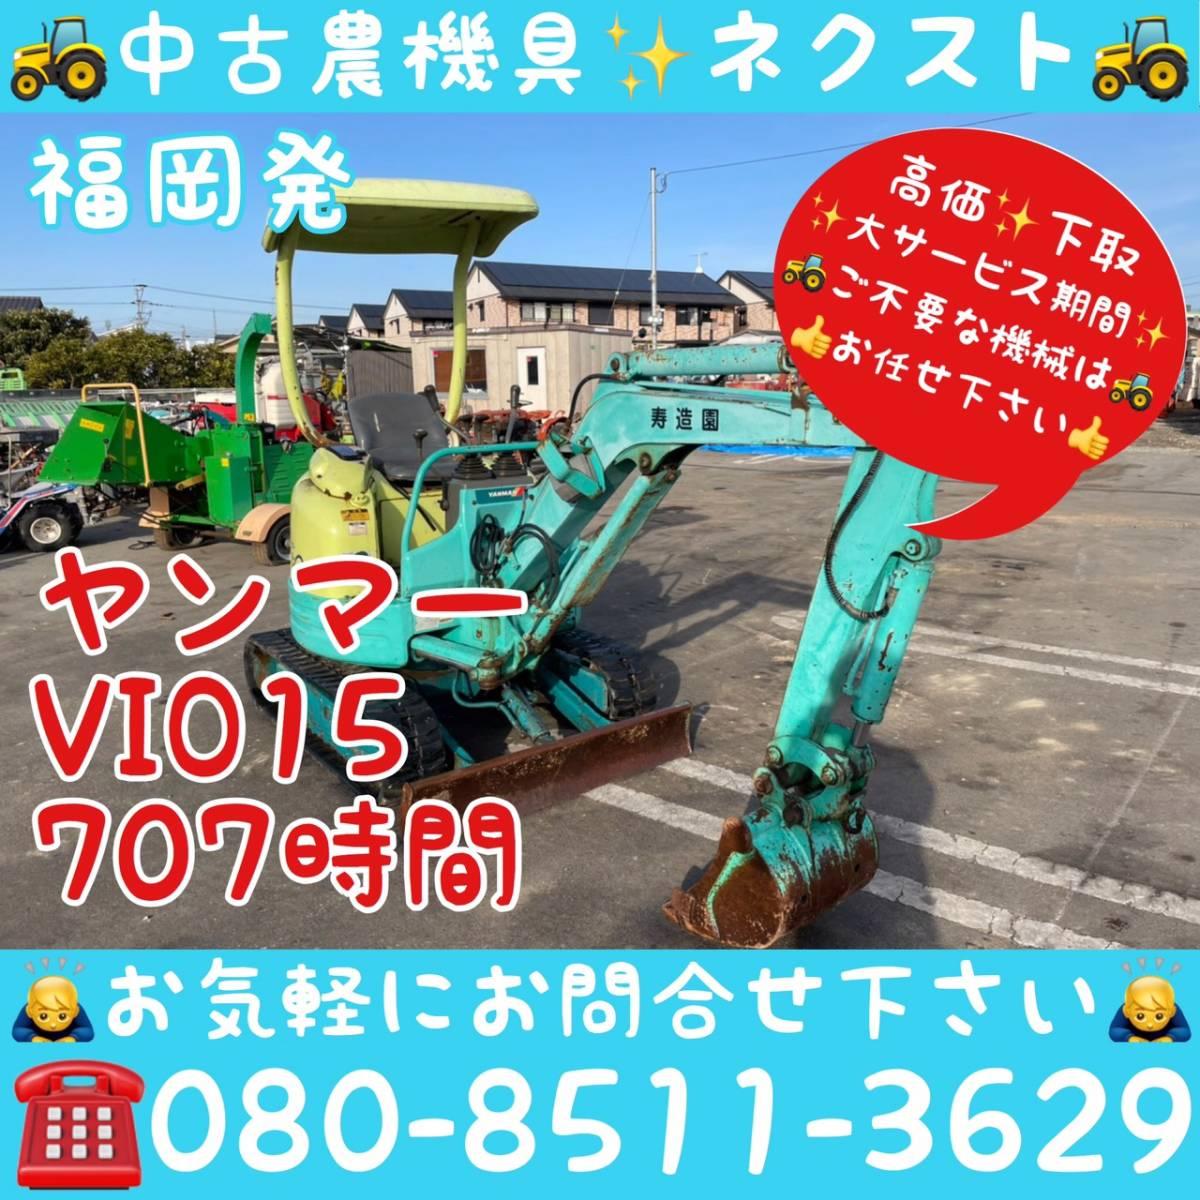 「ヤンマー VIO15 ユンボ バックホー 707時間 福岡県発」の画像1